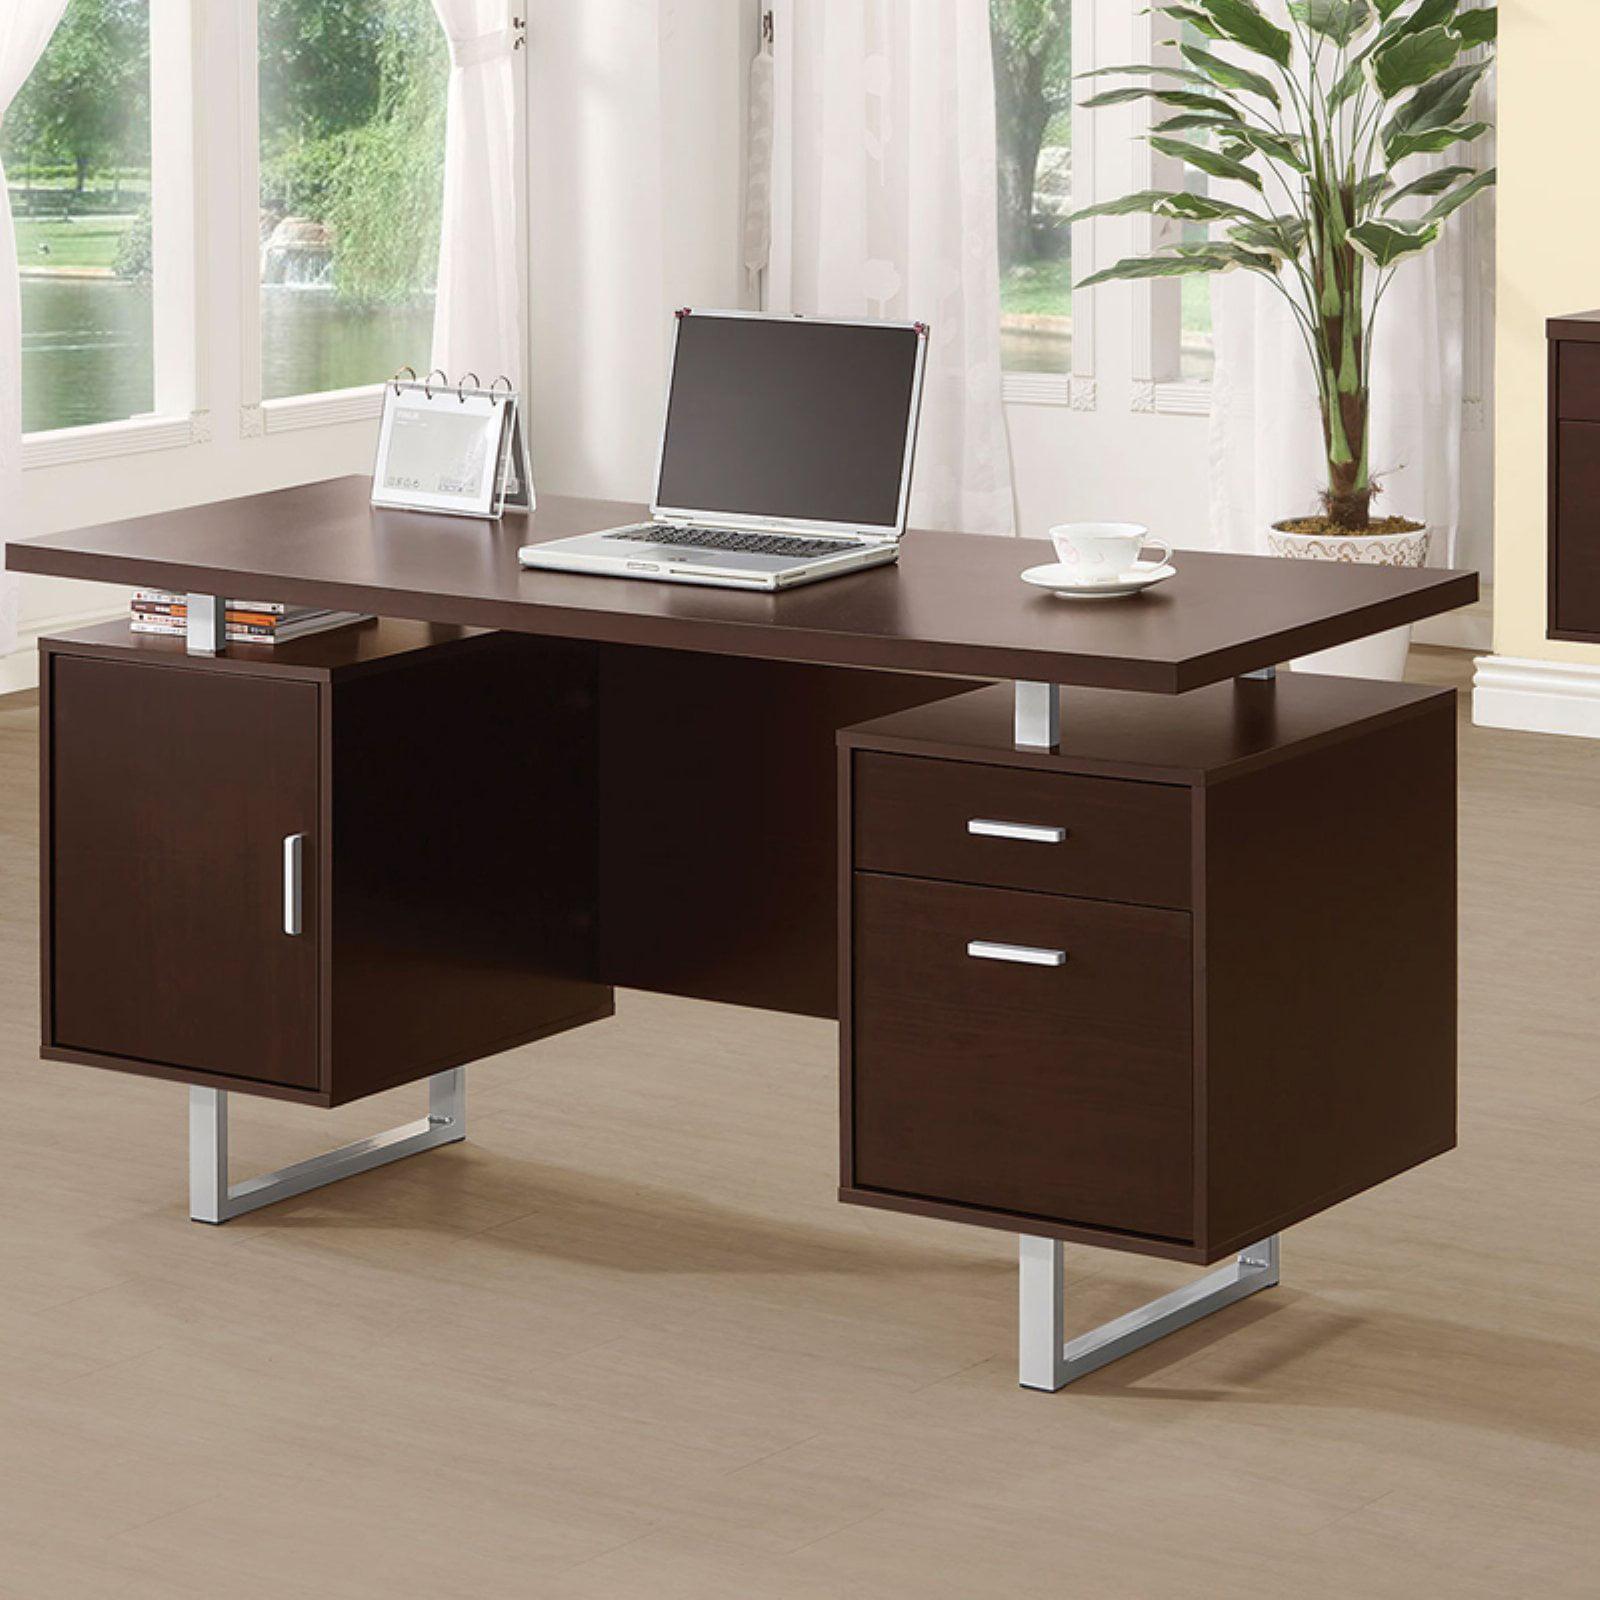 Coaster Company Office Desk, Cappuccino, Silver